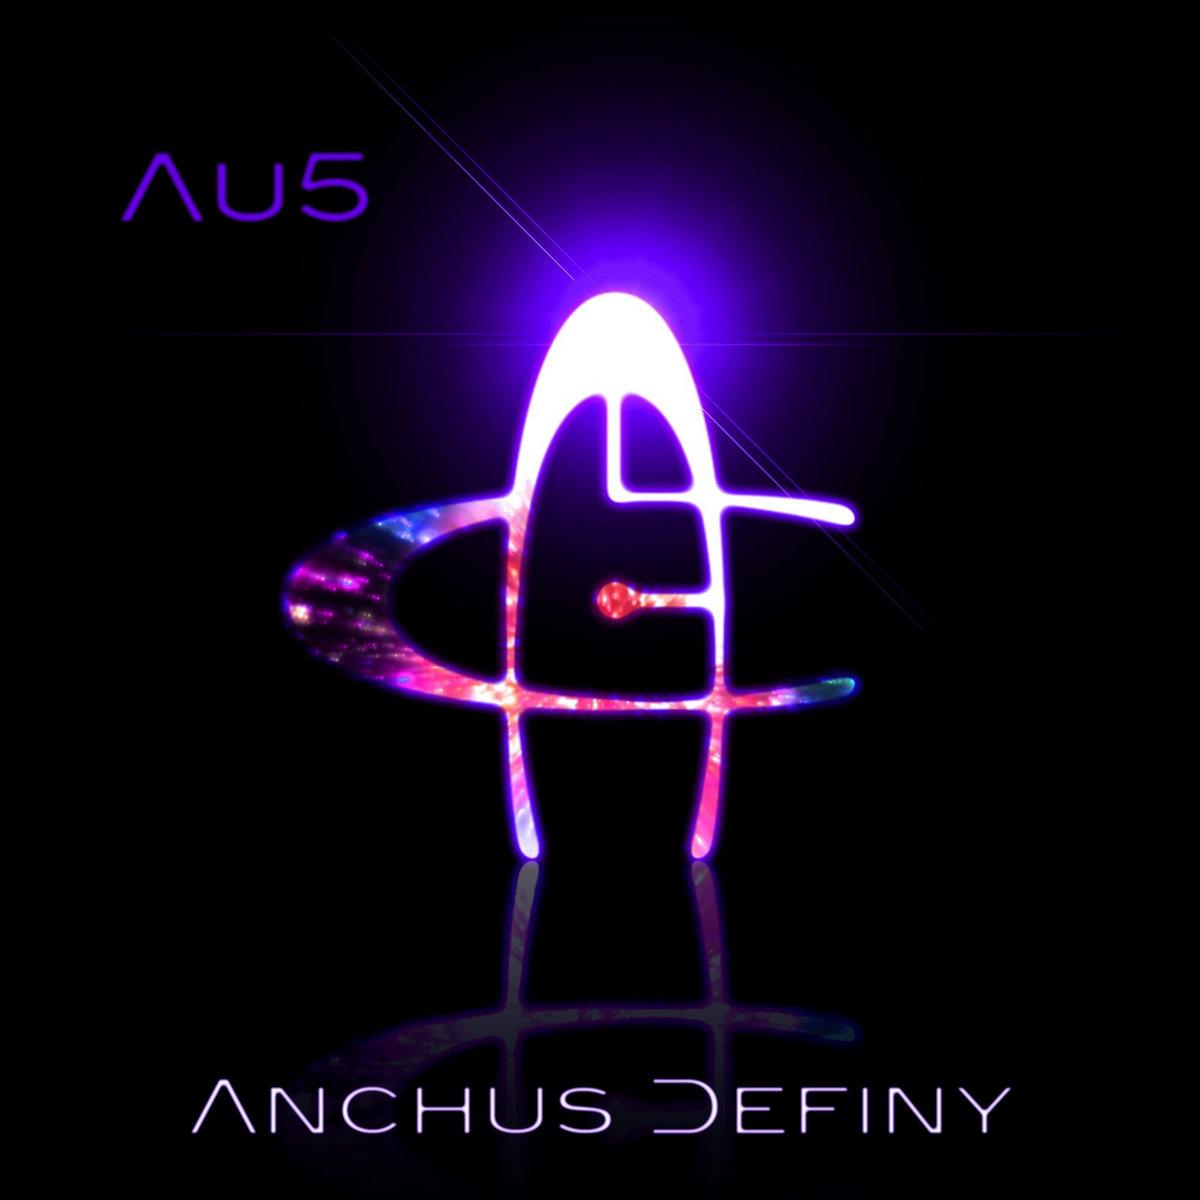 Anchus Definy | Au5